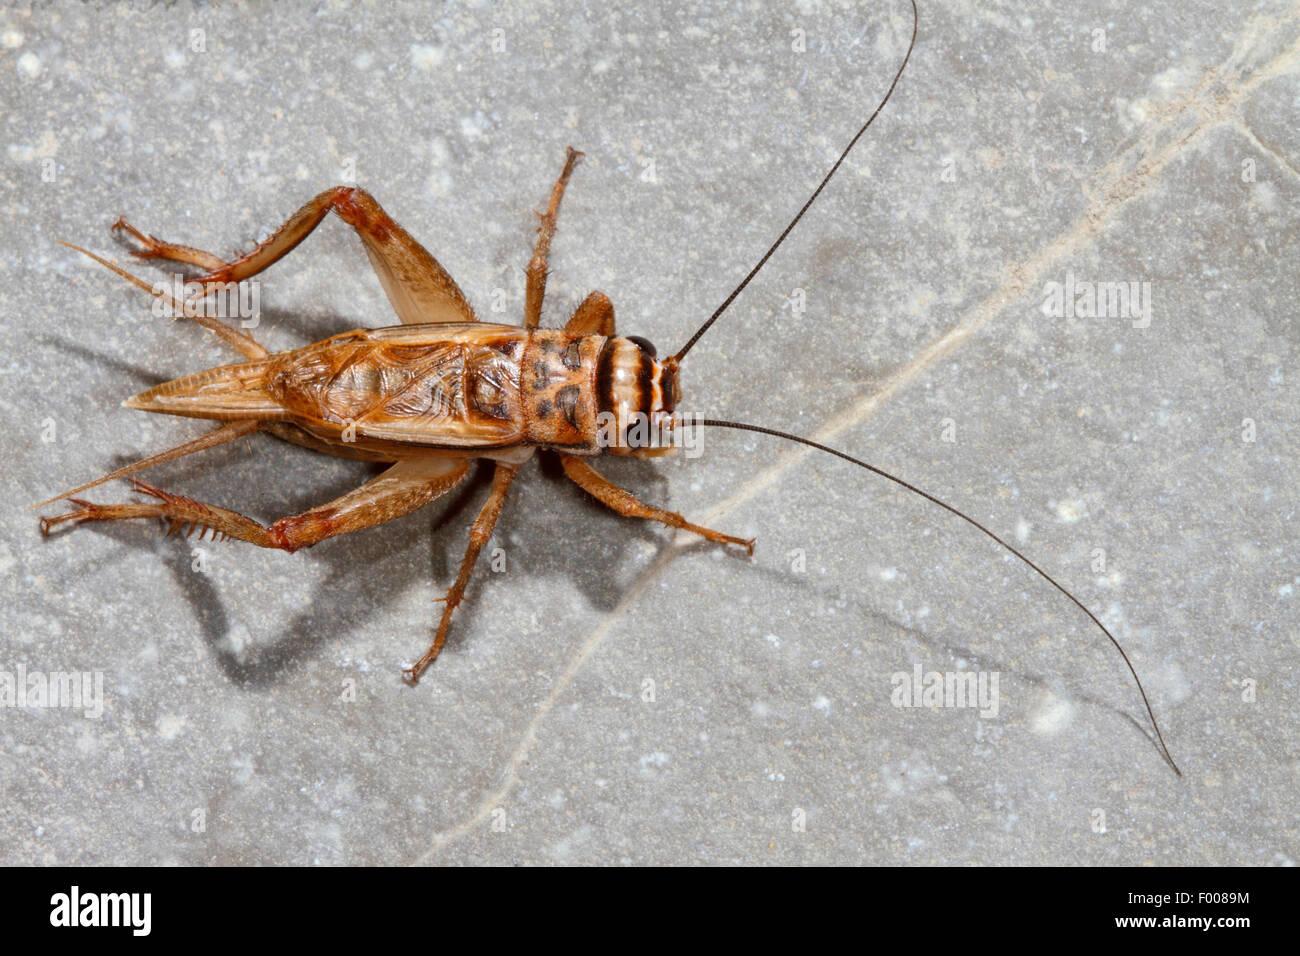 House cricket, Domestic cricket, Domestic gray cricket (Acheta domesticus, Acheta domestica, Gryllulus domesticus), - Stock Image